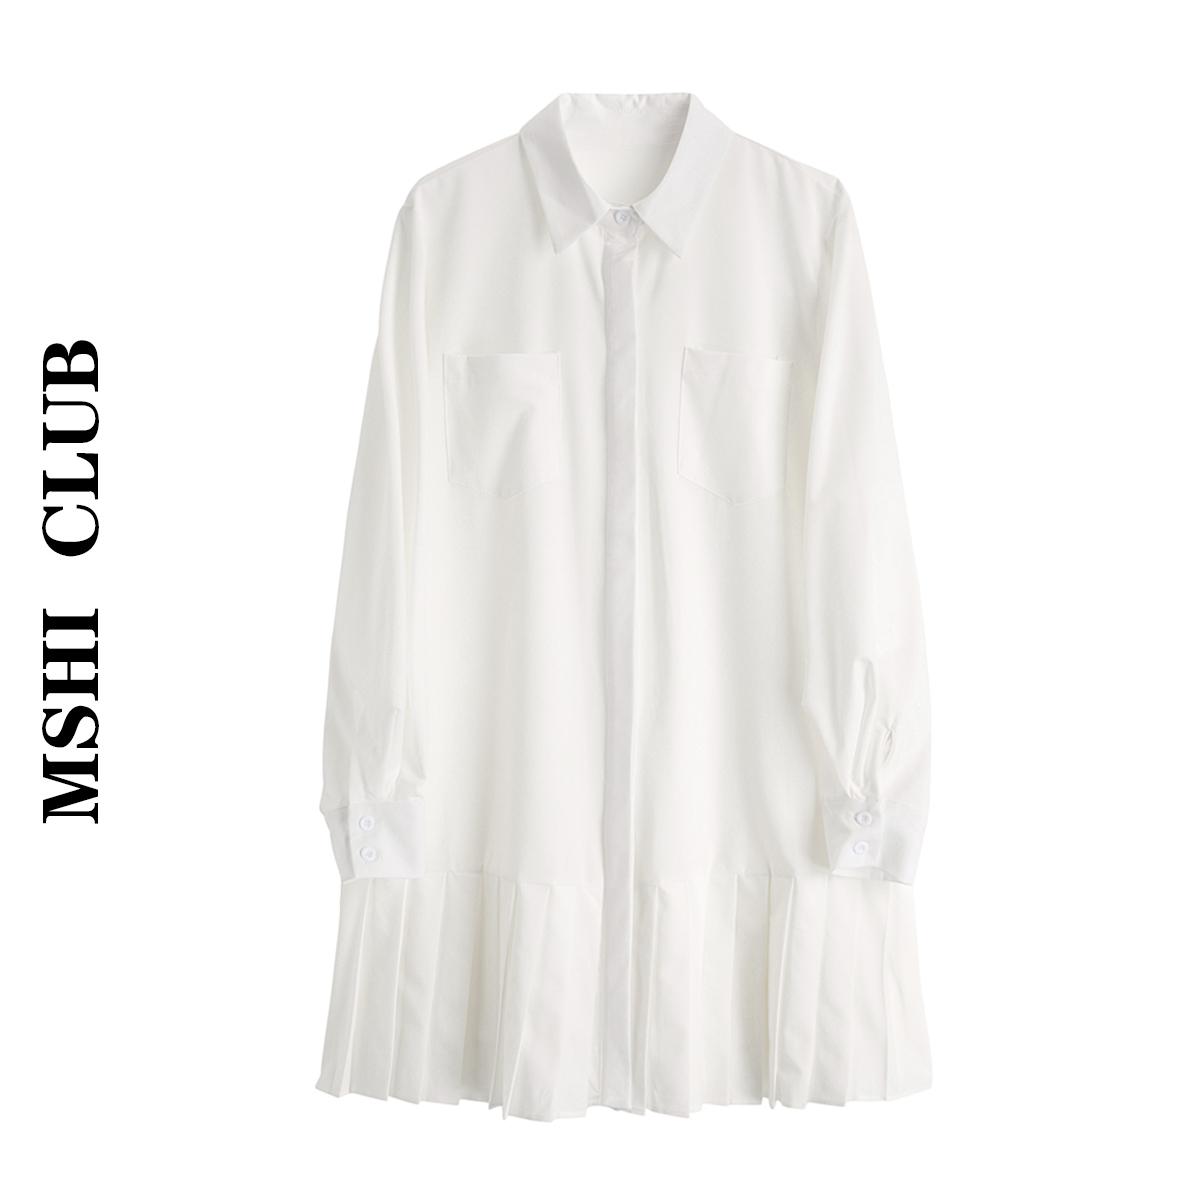 白色连衣裙 【现货】春装长袖POLO领衬衫裙百搭中长款白色连衣裙学院风百褶裙_推荐淘宝好看的白色连衣裙